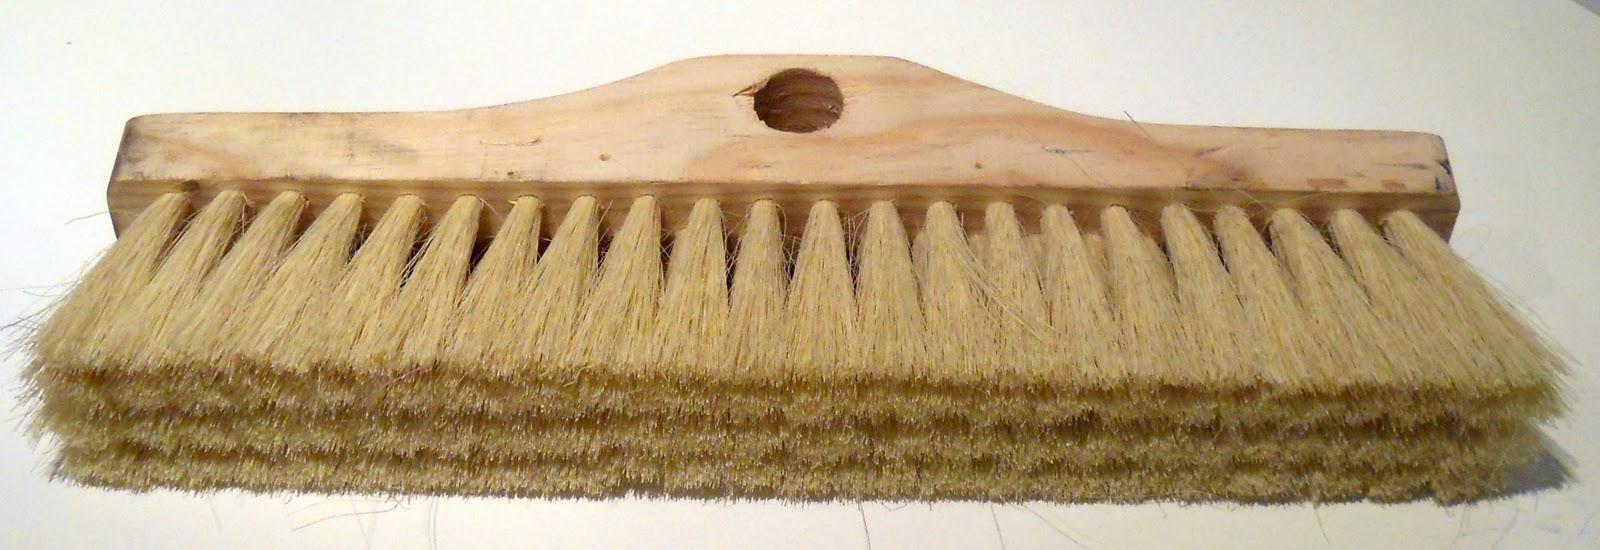 Servi forners s l cepillo para limpieza de horno - Limpieza de horno ...